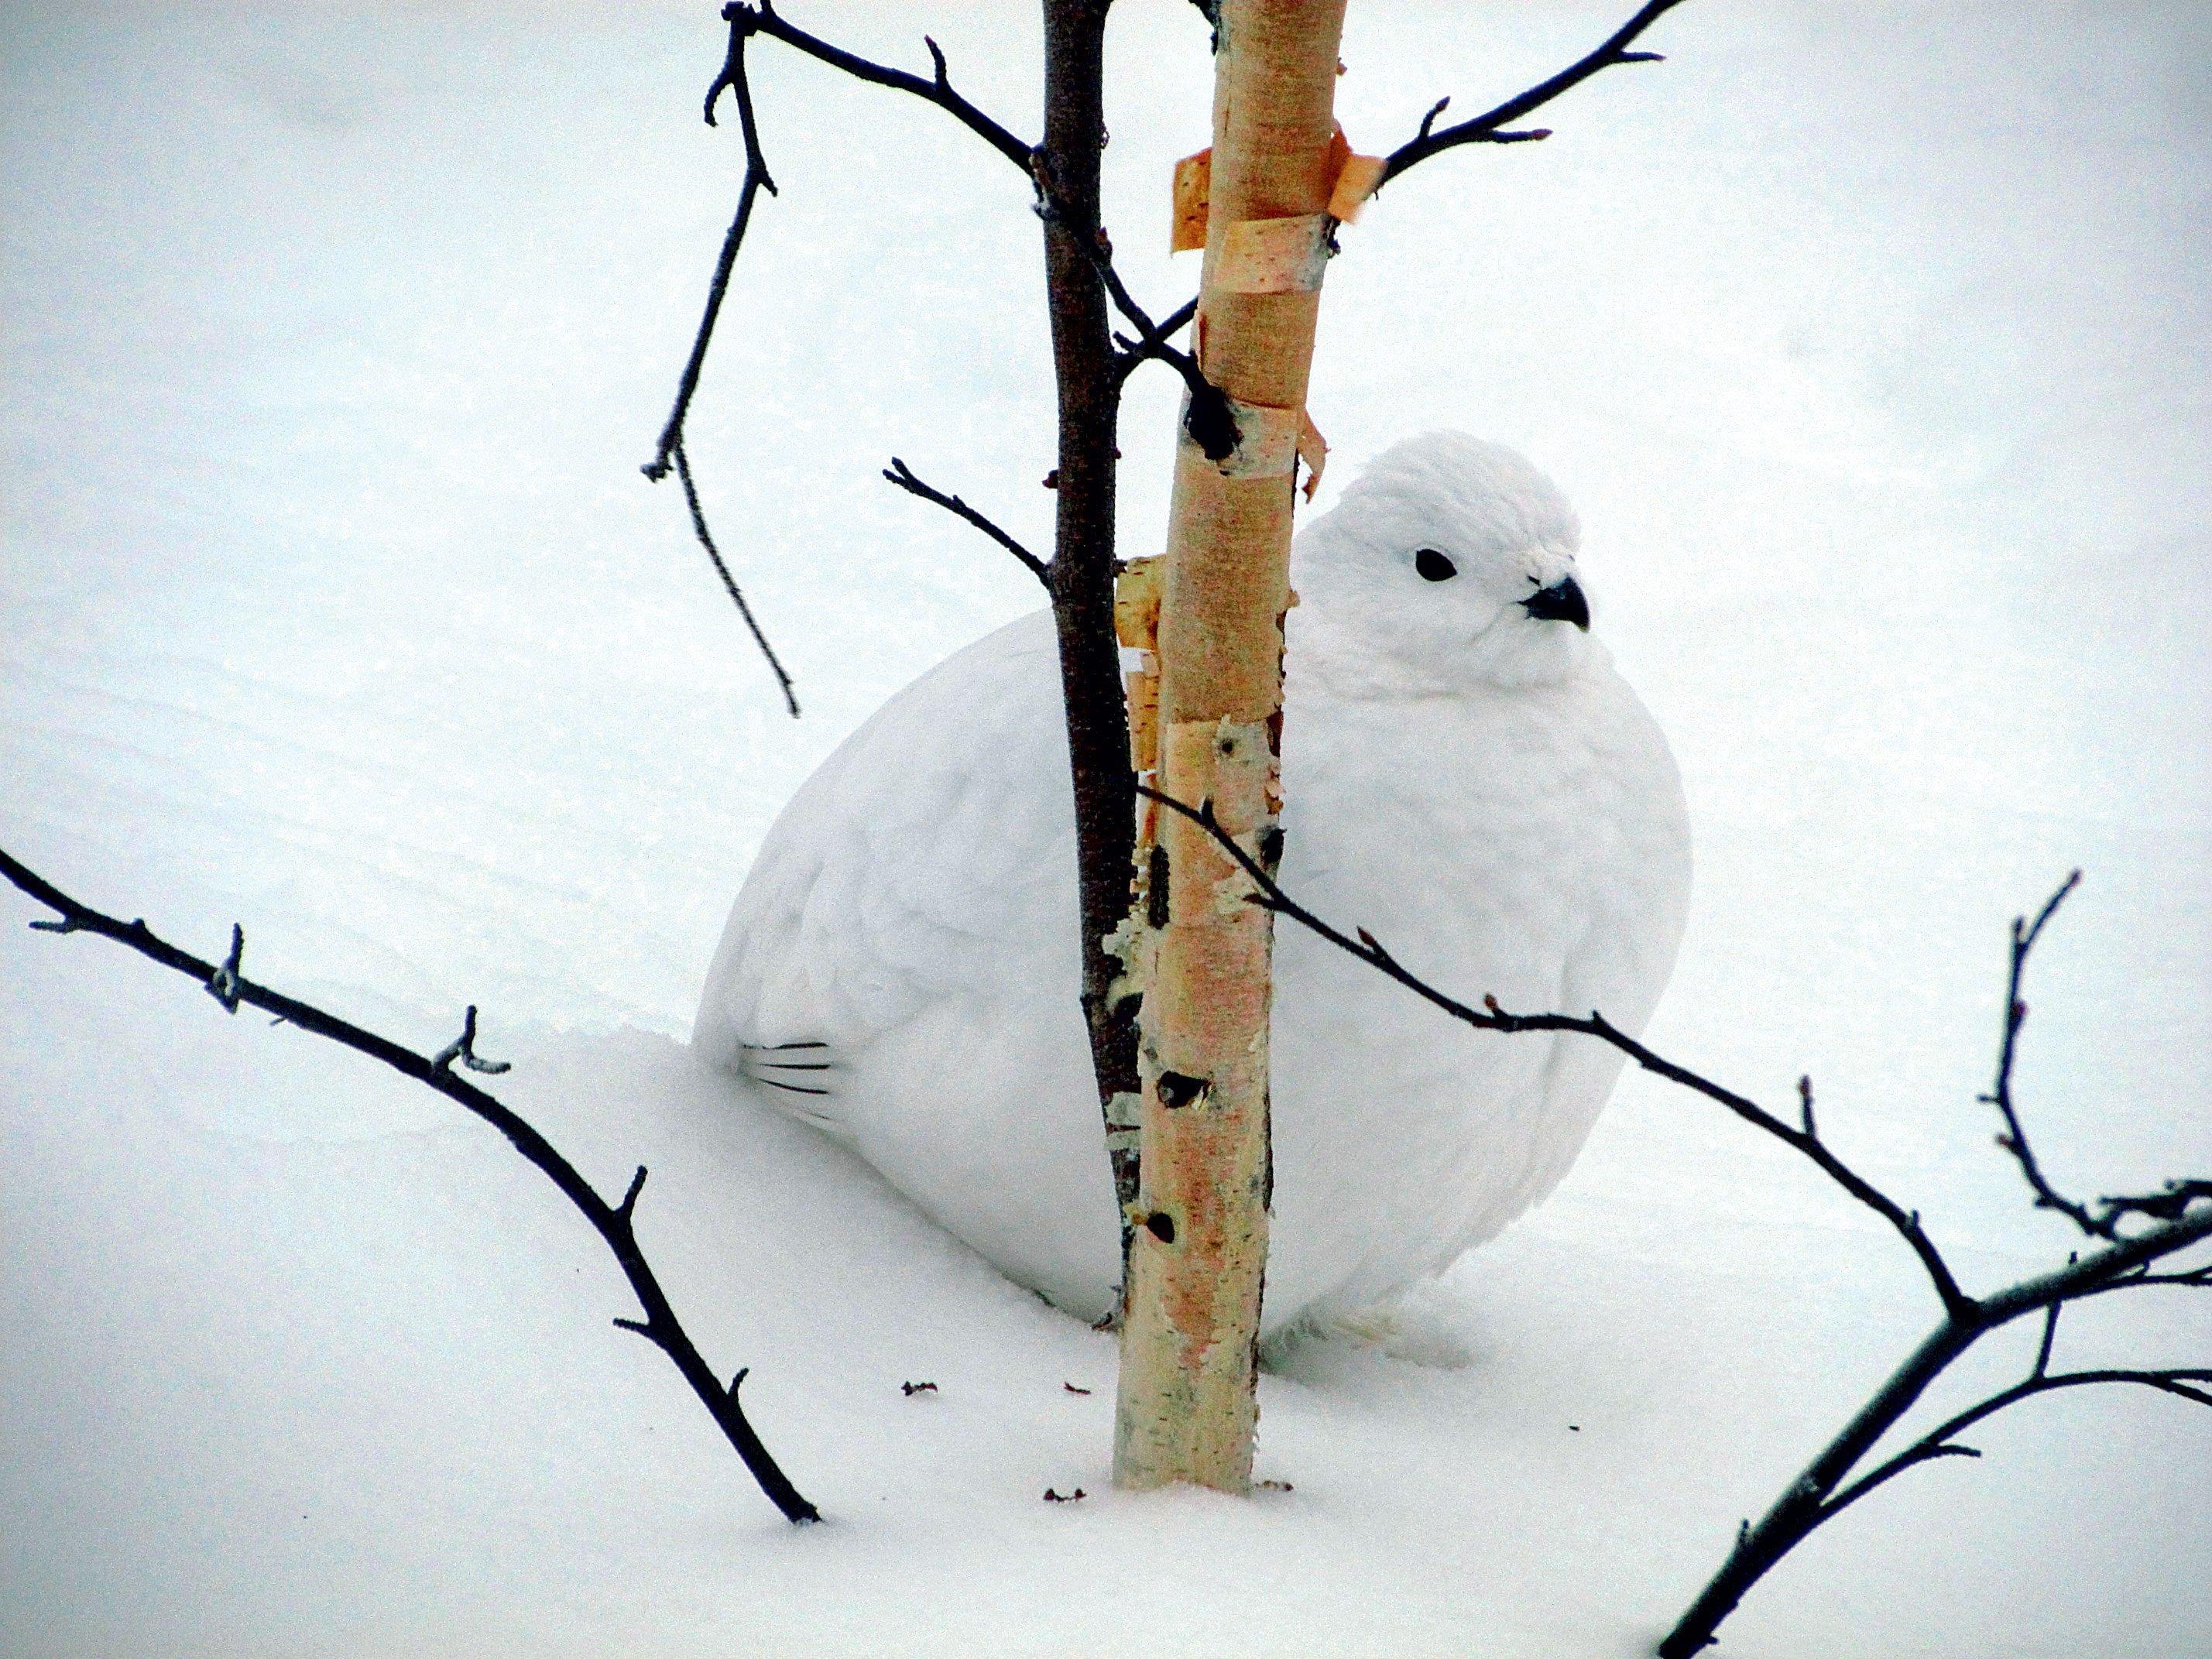 Winter in Canada: A Real Snowbird